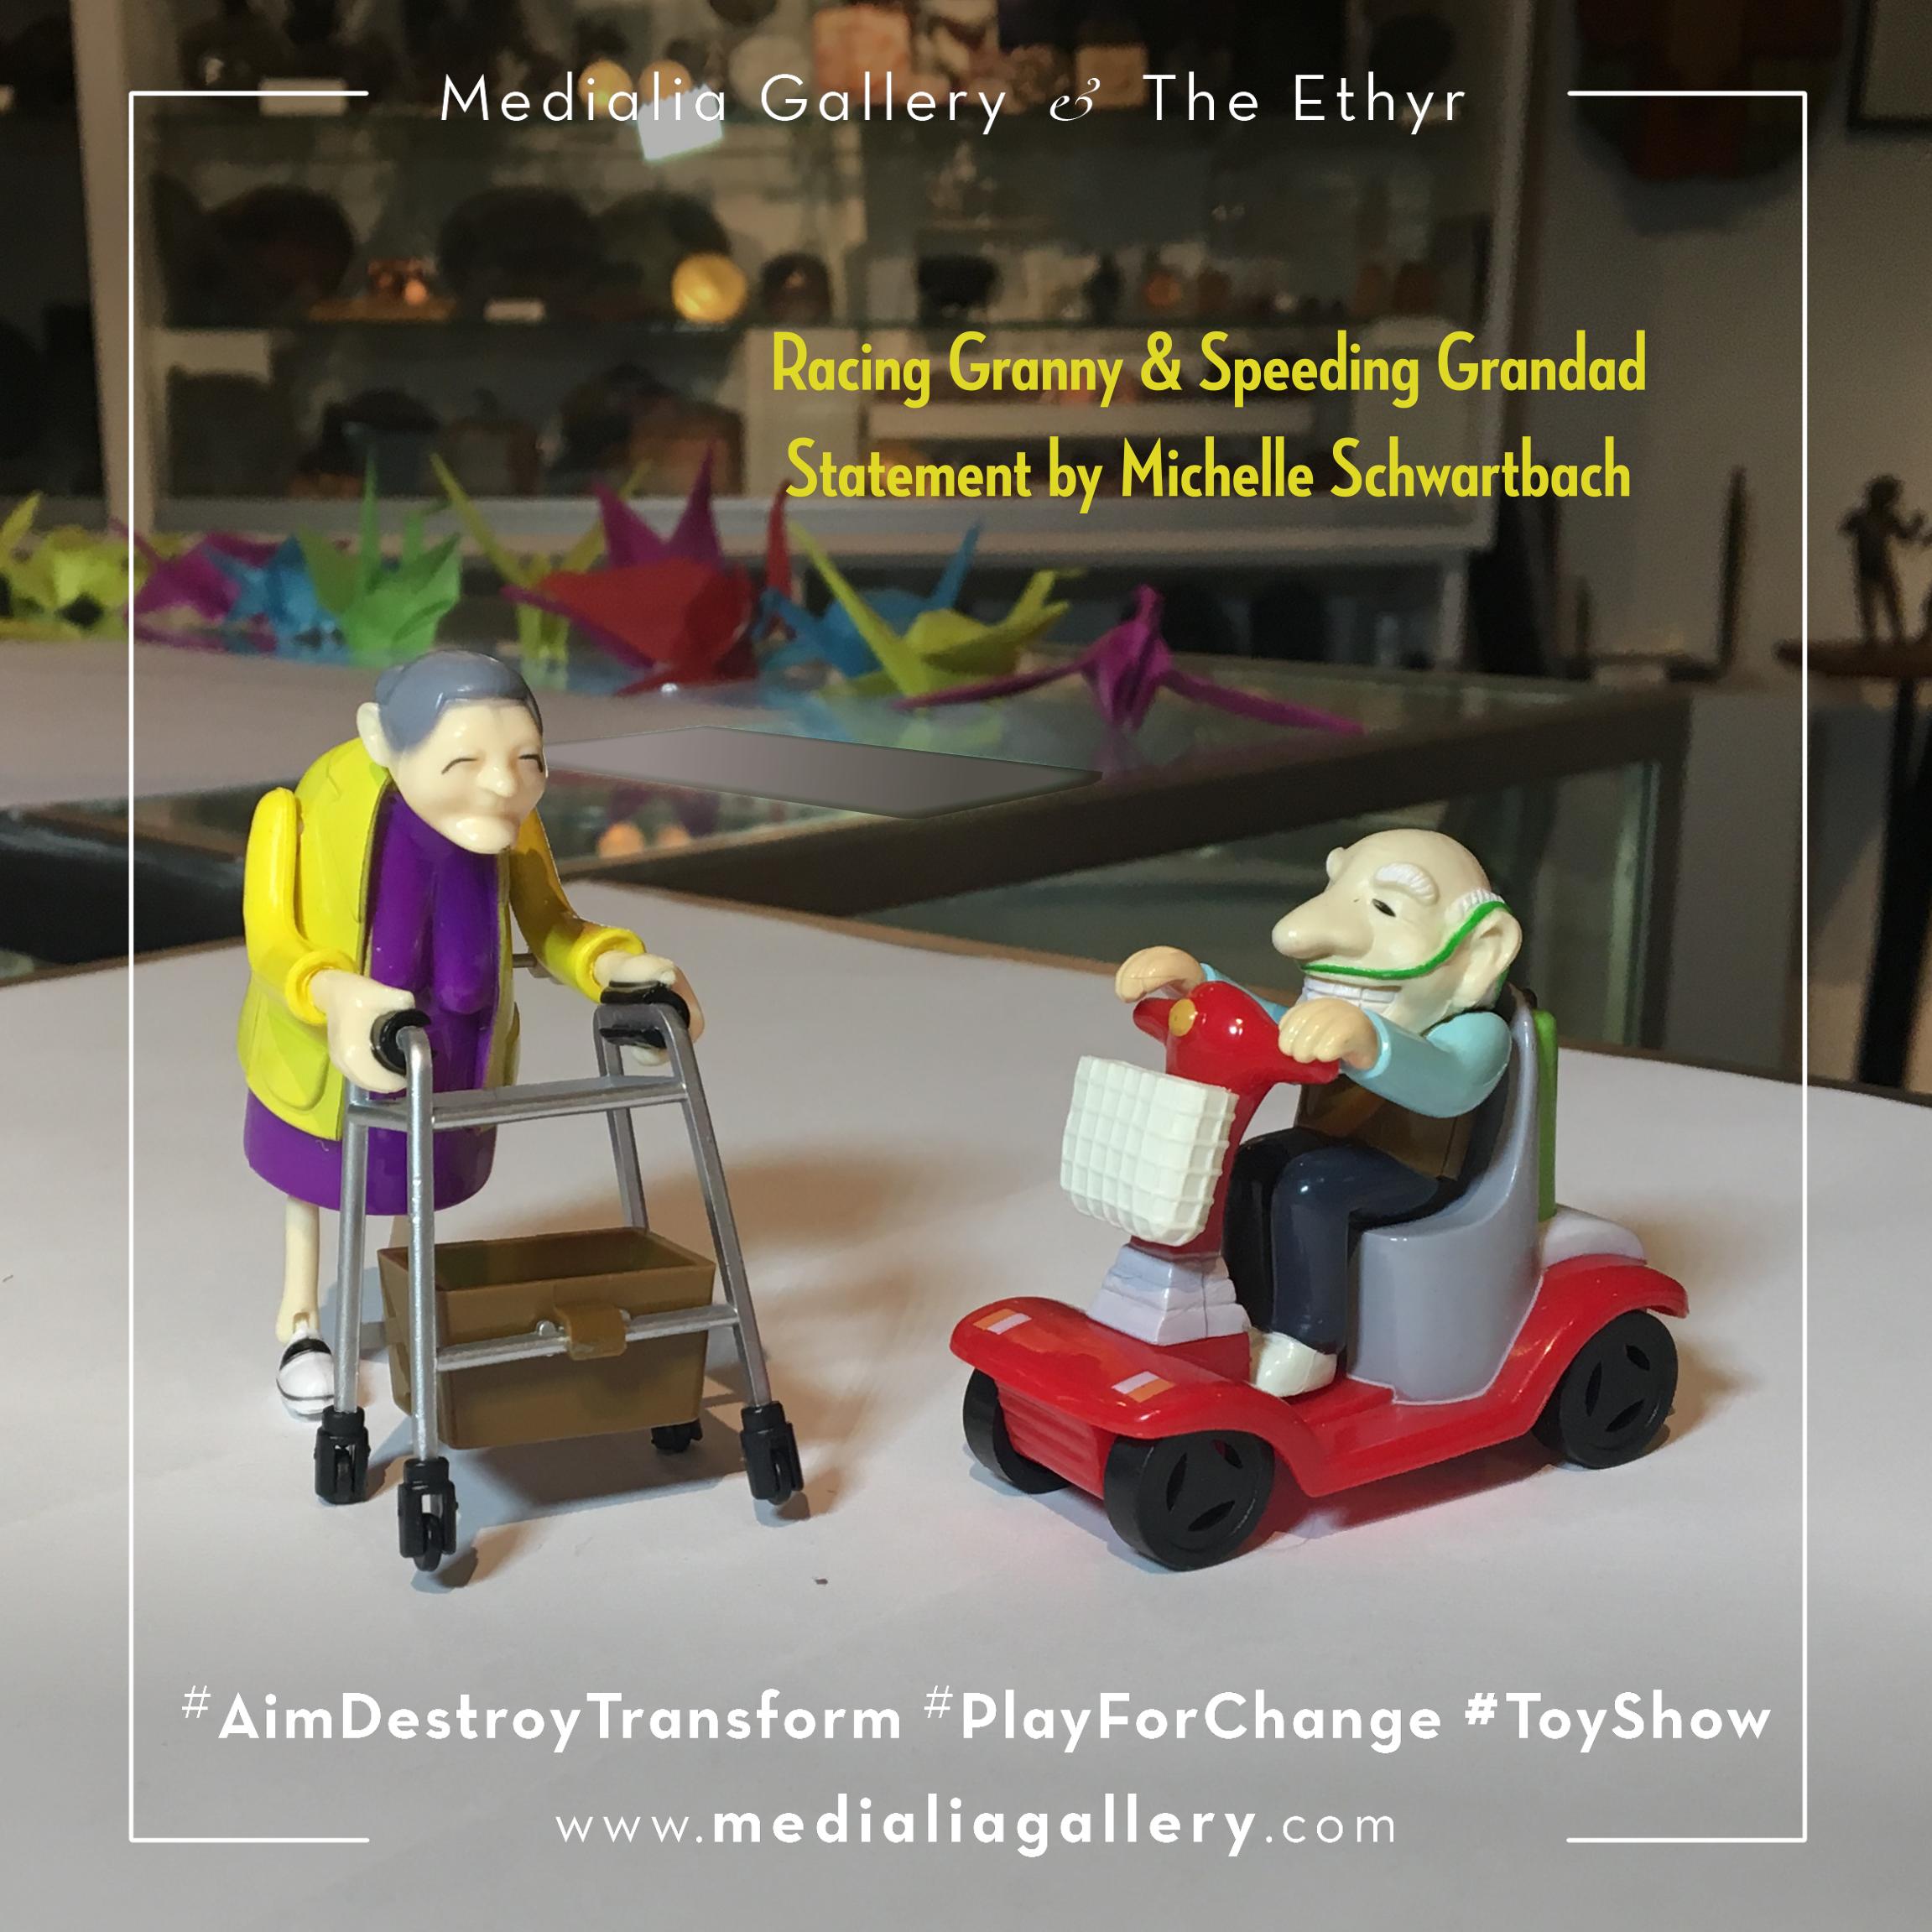 MedialiaGallery_The_Ethyr_AimDestroyTransform_Toy_Show_BluwRacingGranny_SpeedingGrandad_Michelle_Schwartbach_November_2017.jpg.png